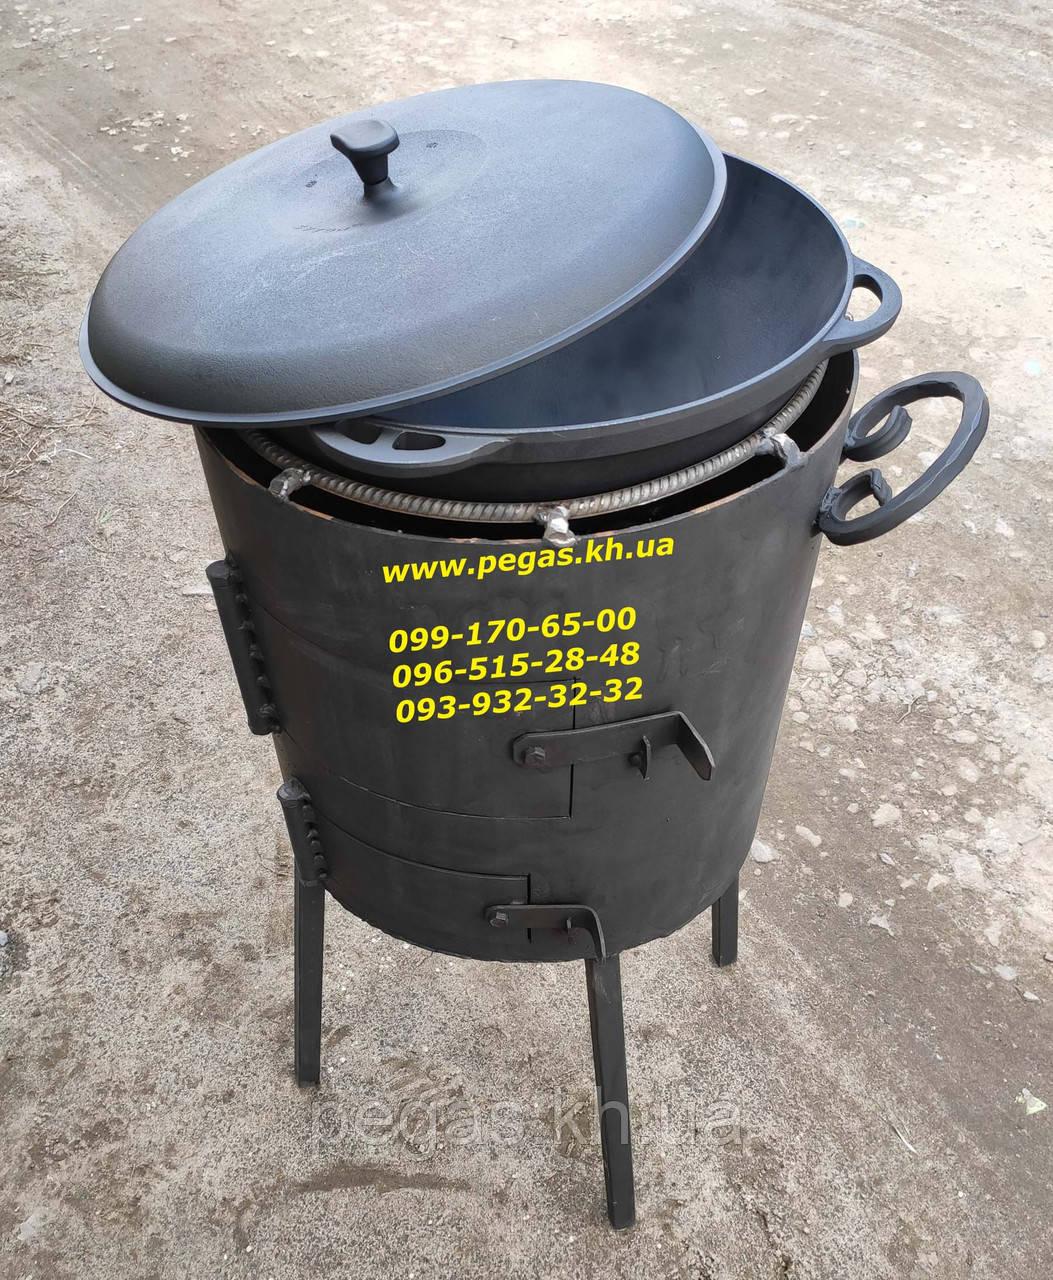 Печь металлическая с чугунным азиатским казаном на 12 литров с чугунной крышкой